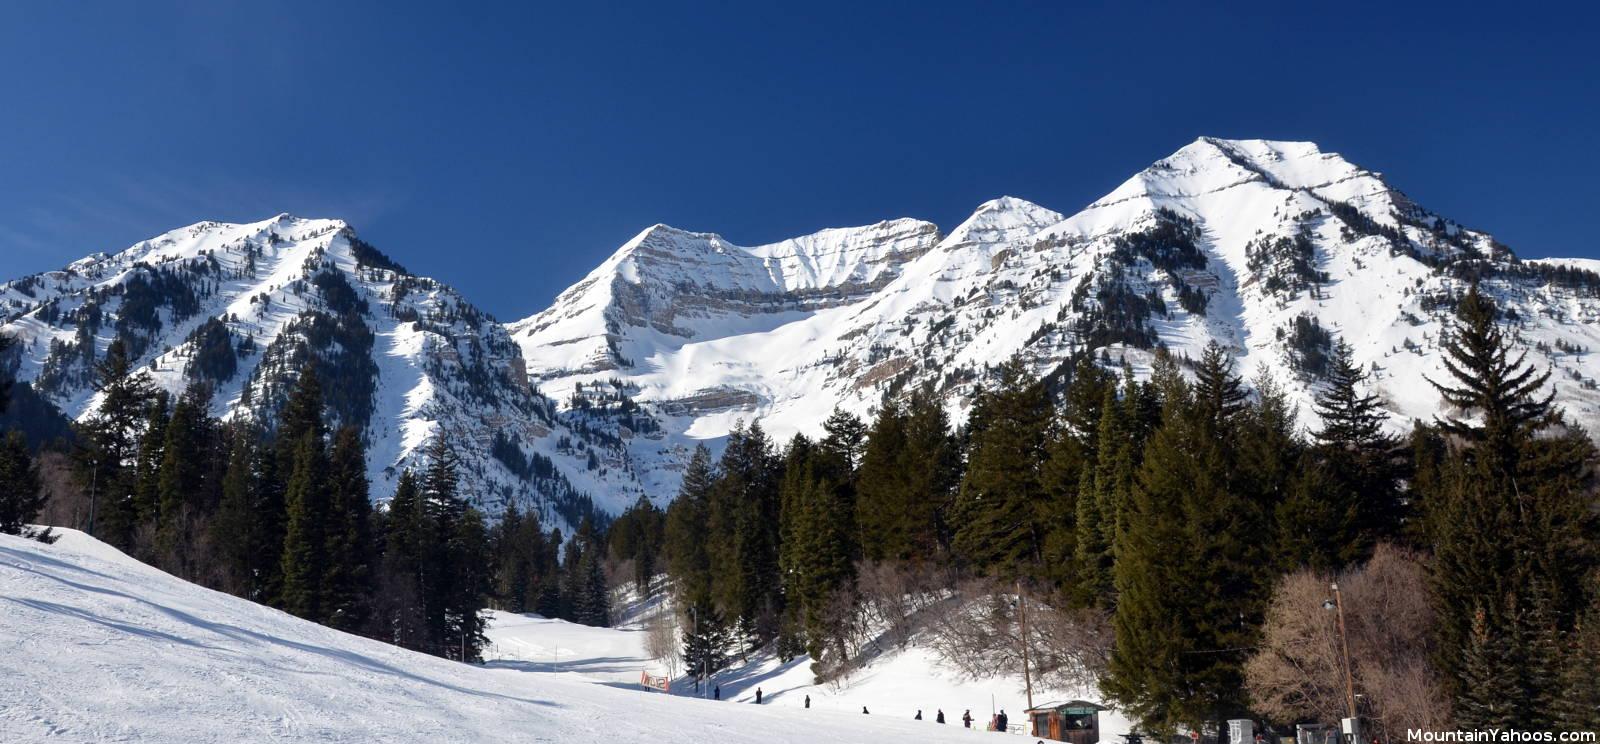 sundance utah (us) ski resort review and guide